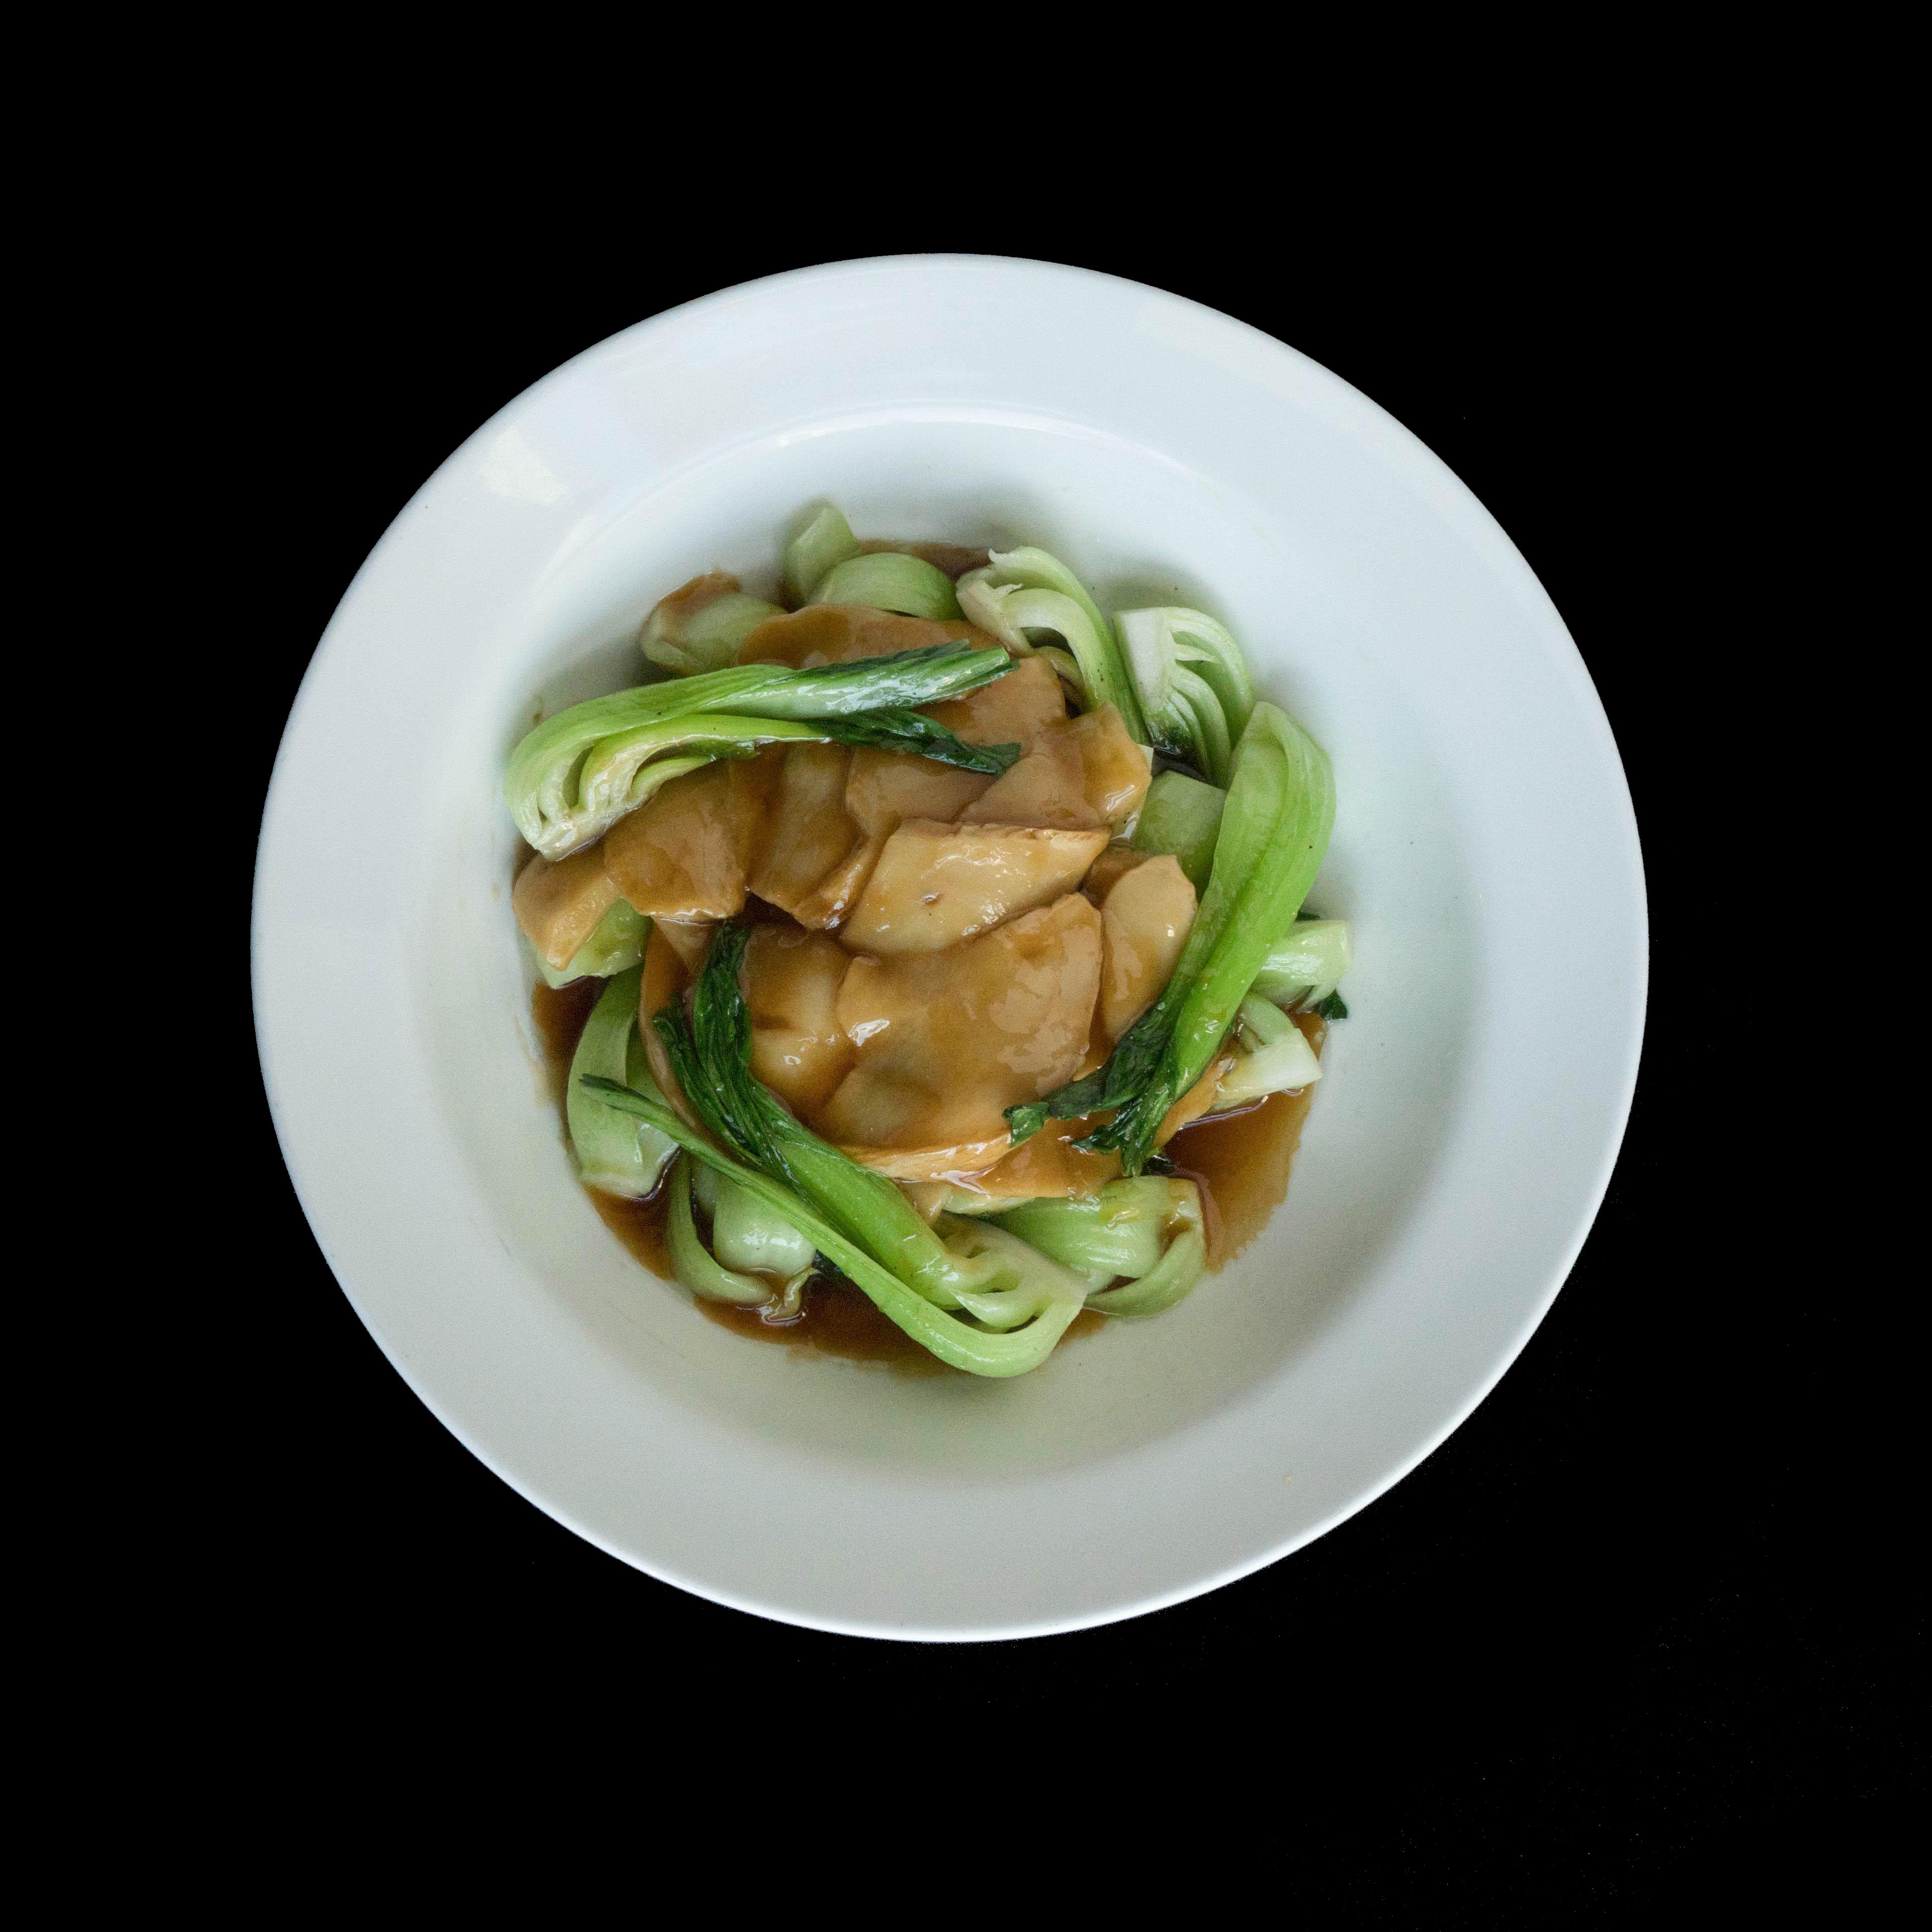 65. 冬菇扒菜胆 Shiitake Mushroom Braised Bok Choy